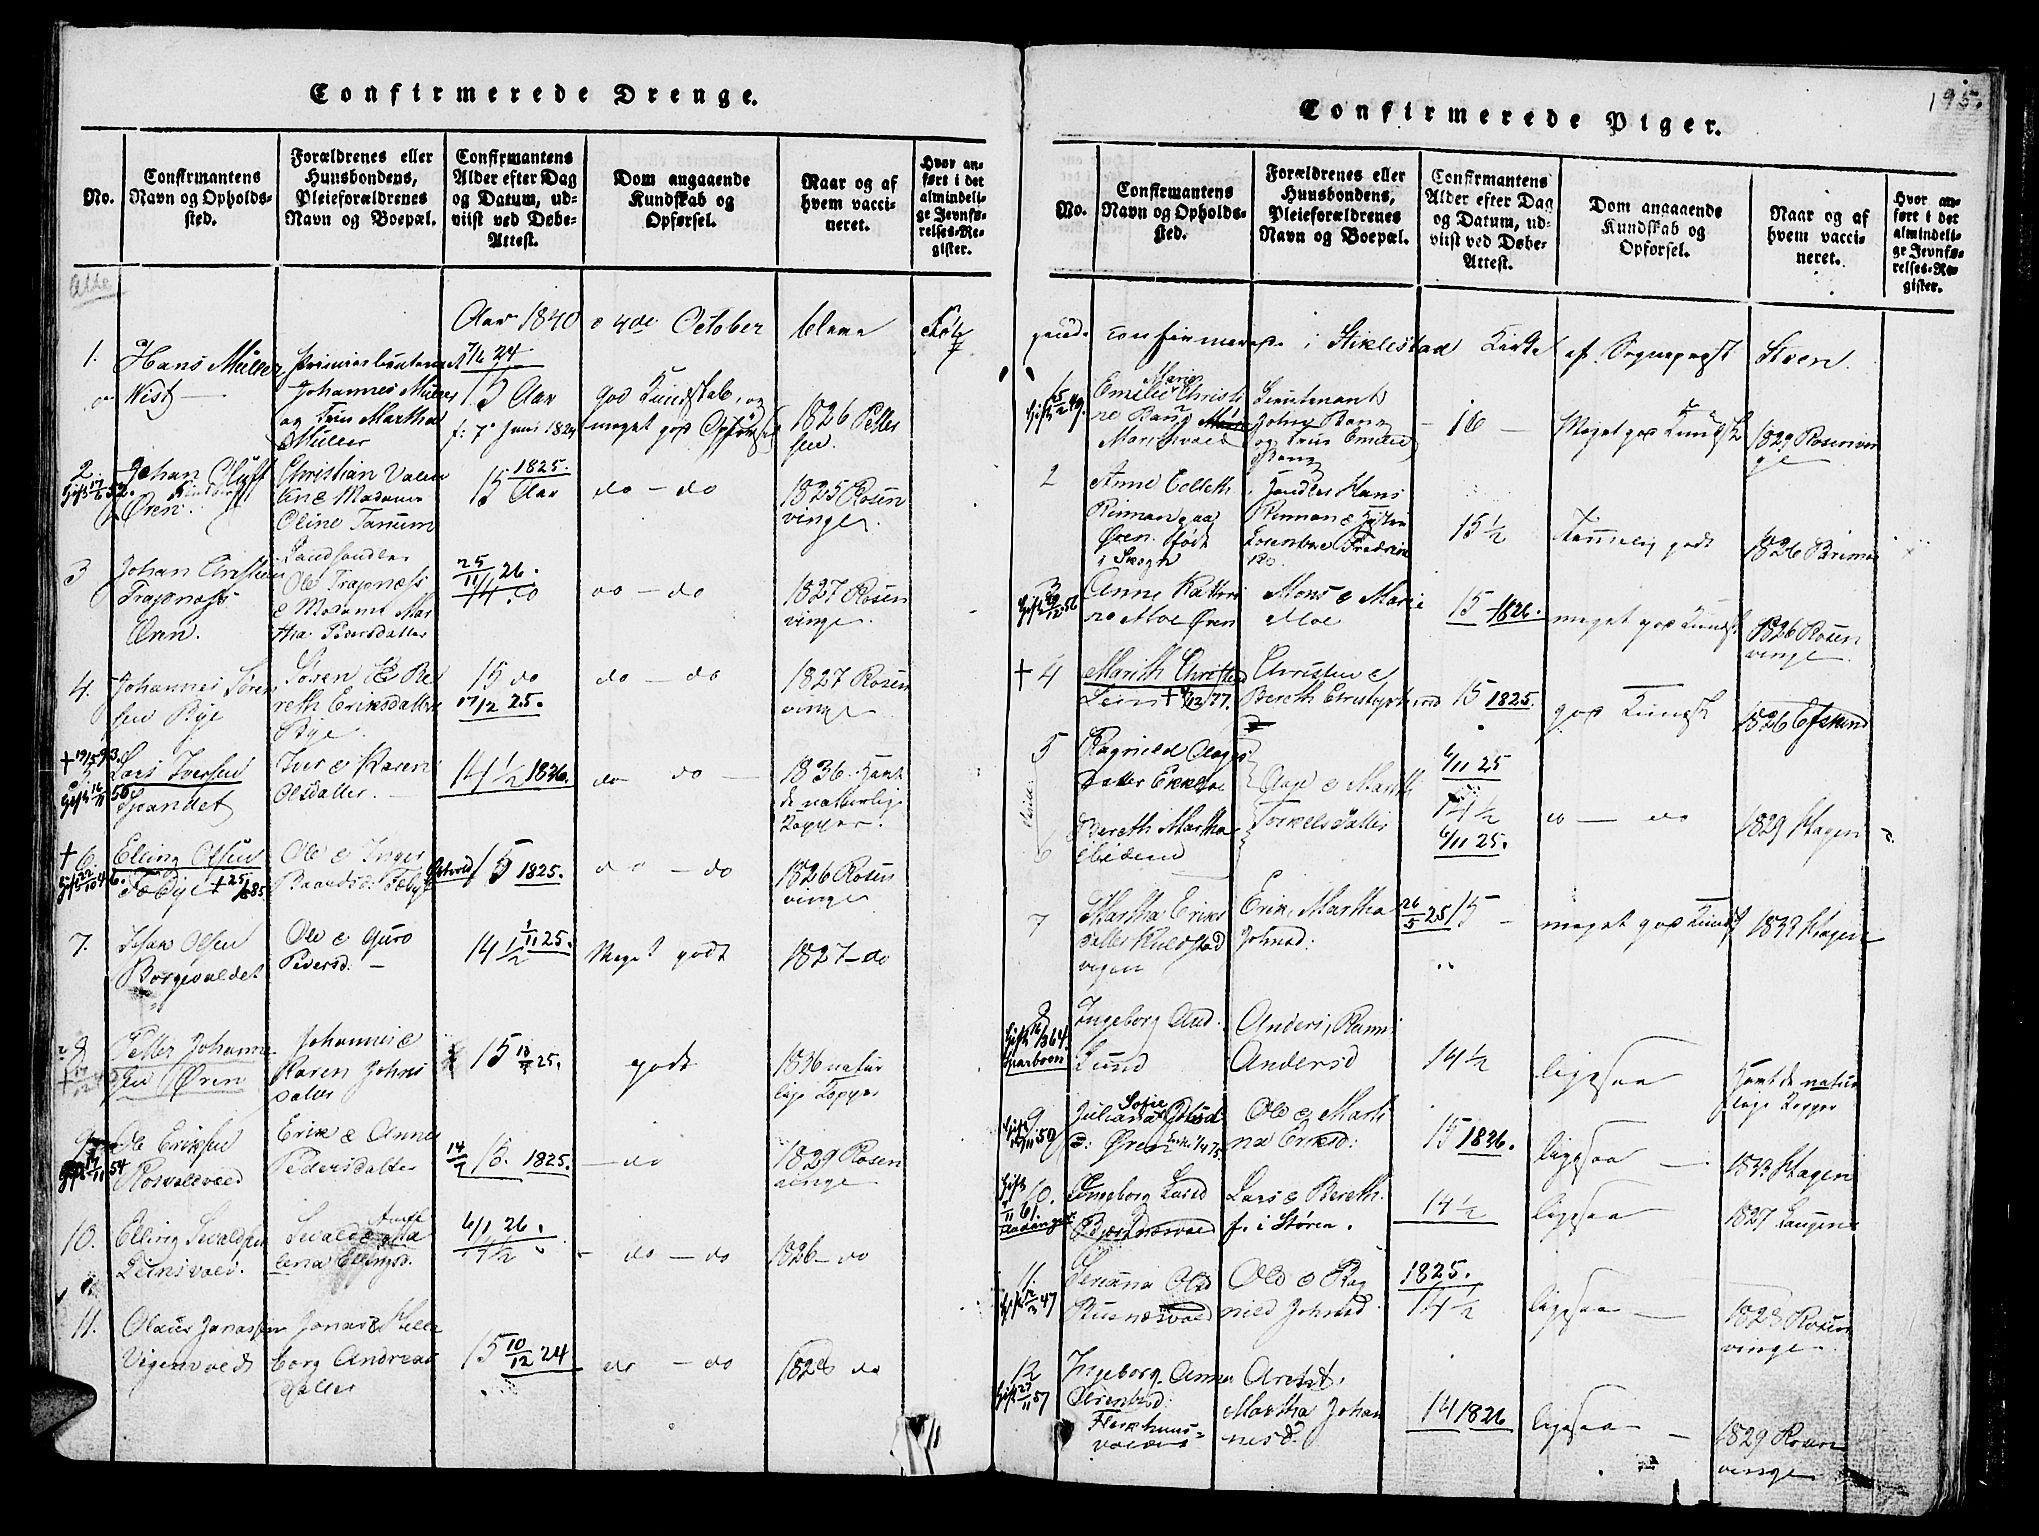 SAT, Ministerialprotokoller, klokkerbøker og fødselsregistre - Nord-Trøndelag, 723/L0234: Ministerialbok nr. 723A05 /1, 1816-1840, s. 195